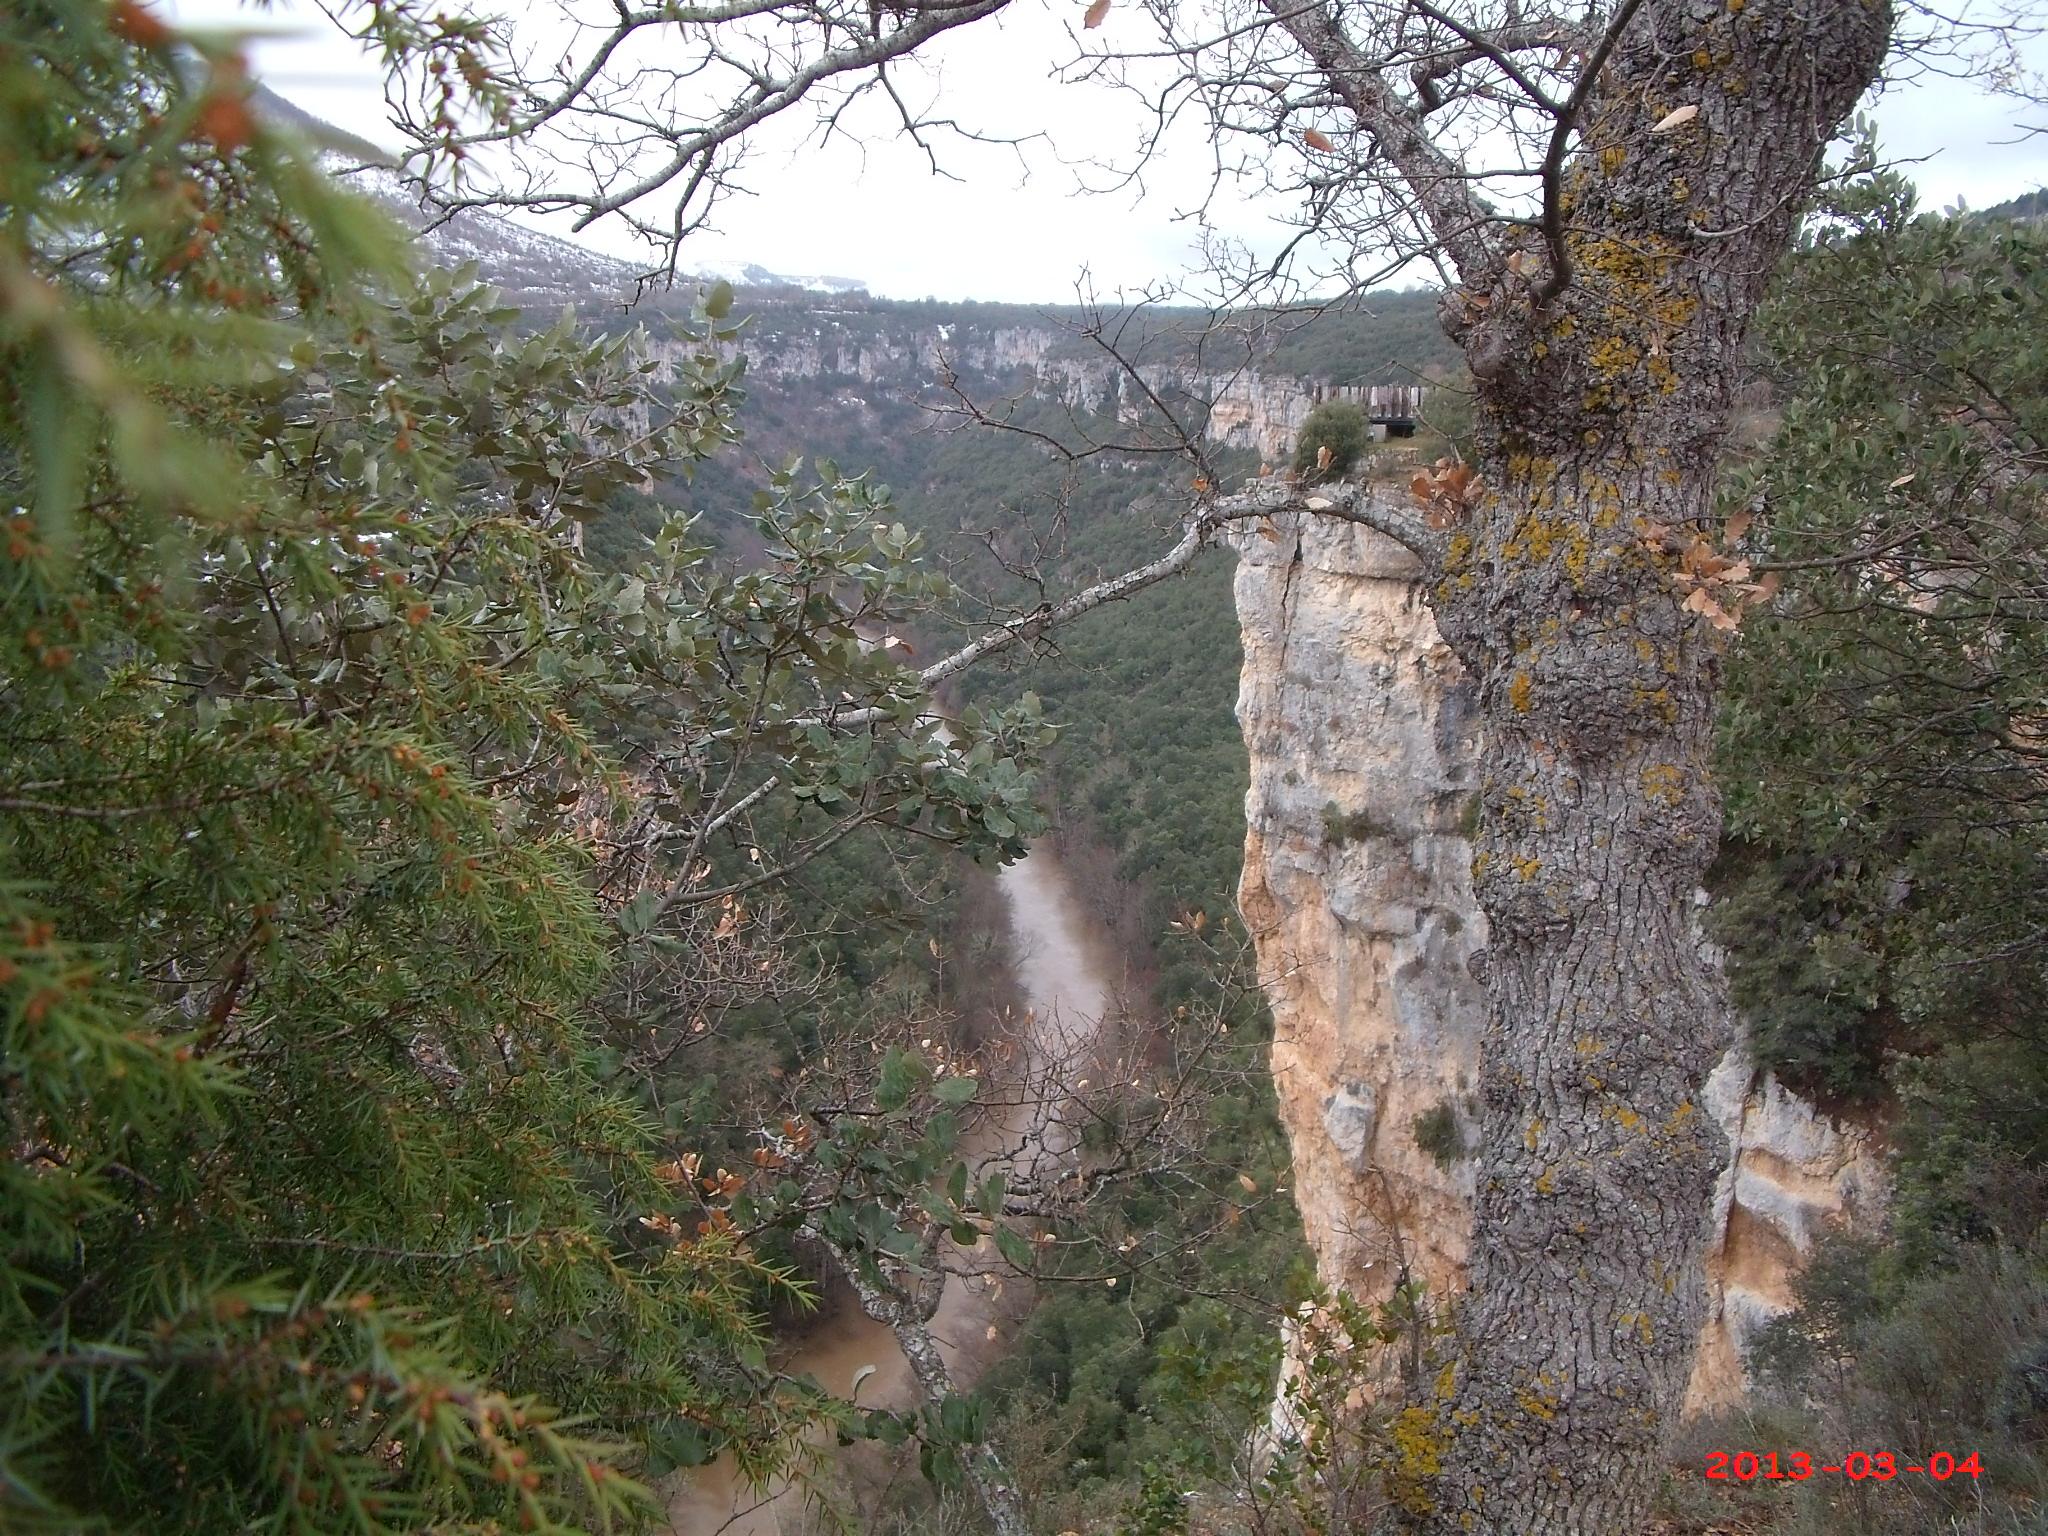 Valle De Sedano Mapa.El Valle De Sedano Y Las Loras Un Lugar De Encanto Residencia Miguel Delibes